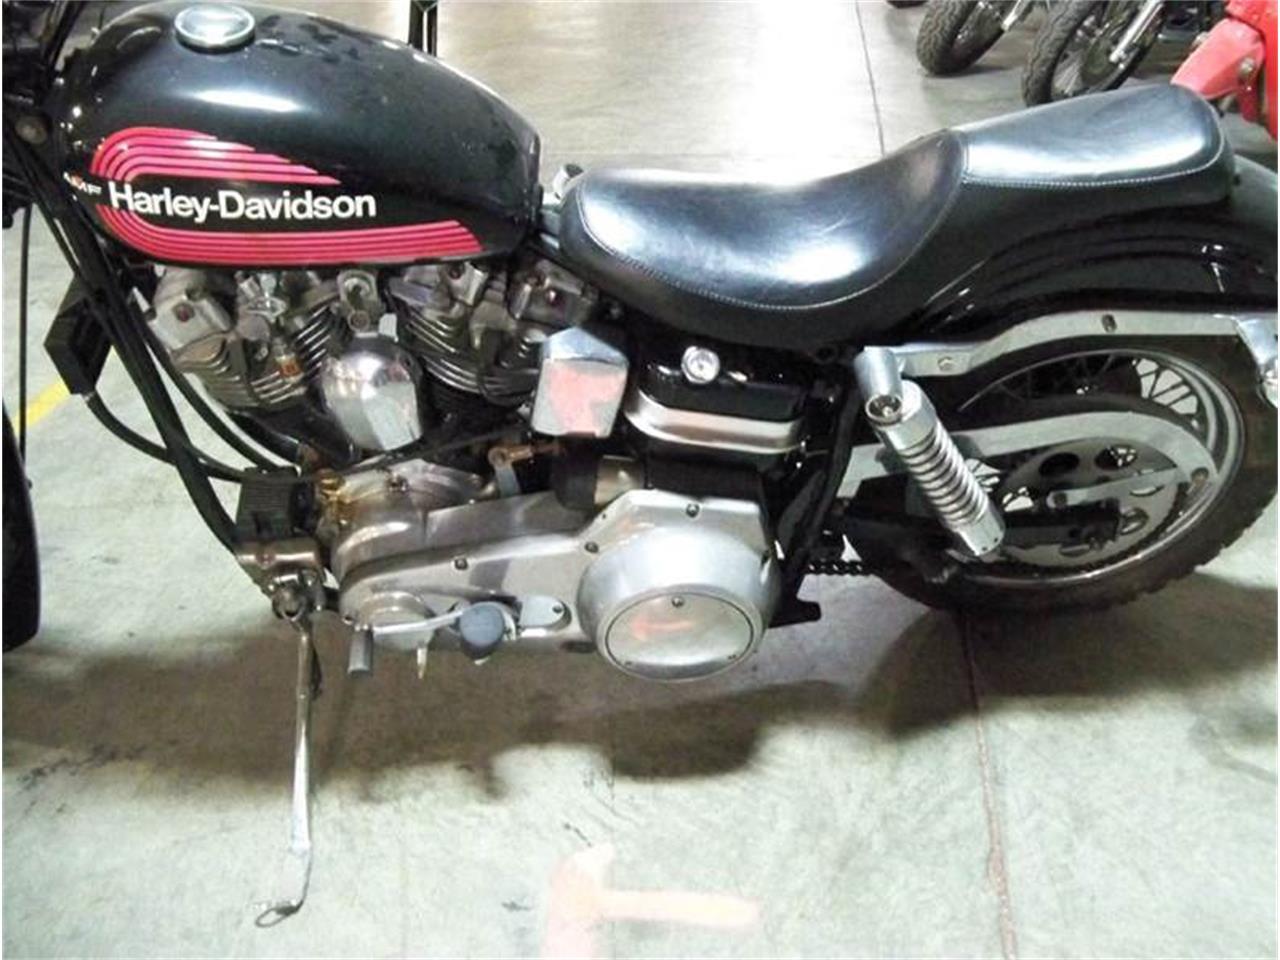 1976 Harley-Davidson Super Glide (CC-1010905) for sale in Effingham, Illinois